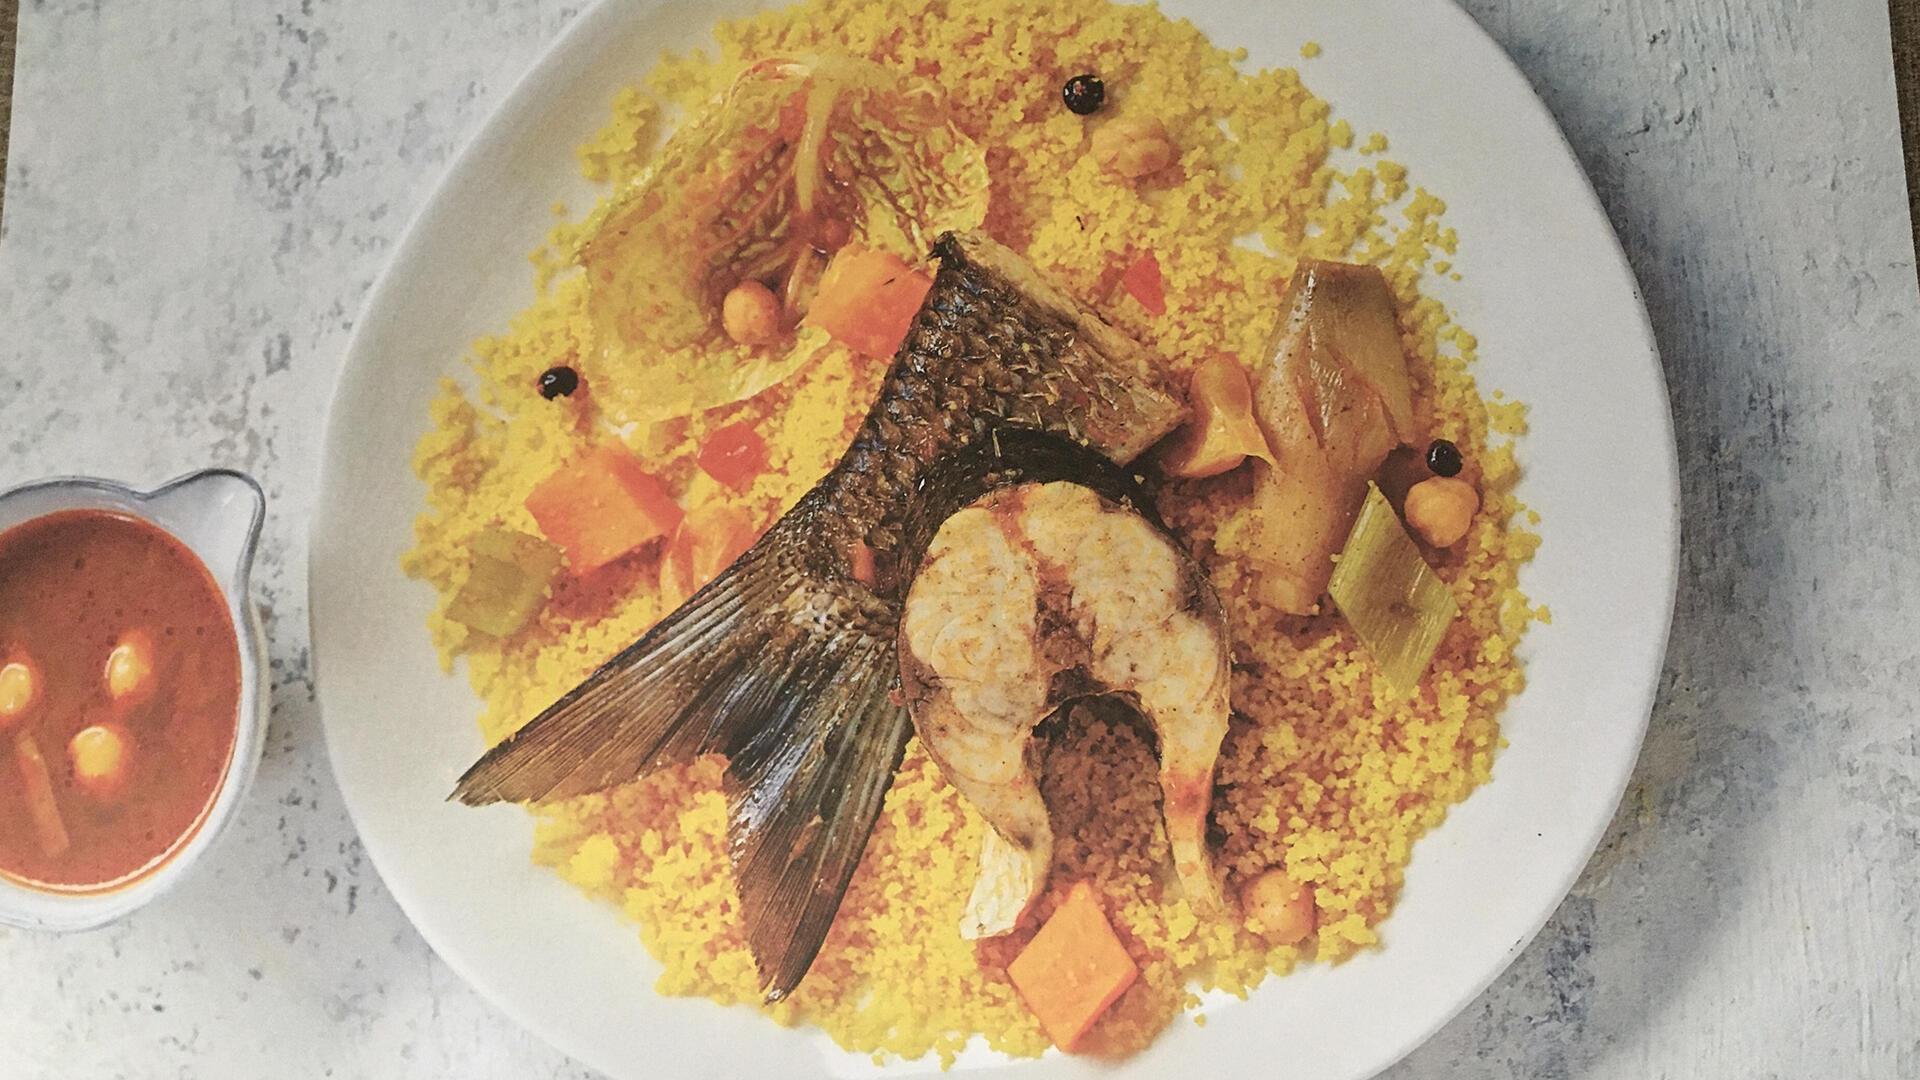 Couscous poisson - hommage Abdellatif Kechiche - Le goût du monde -  image00003